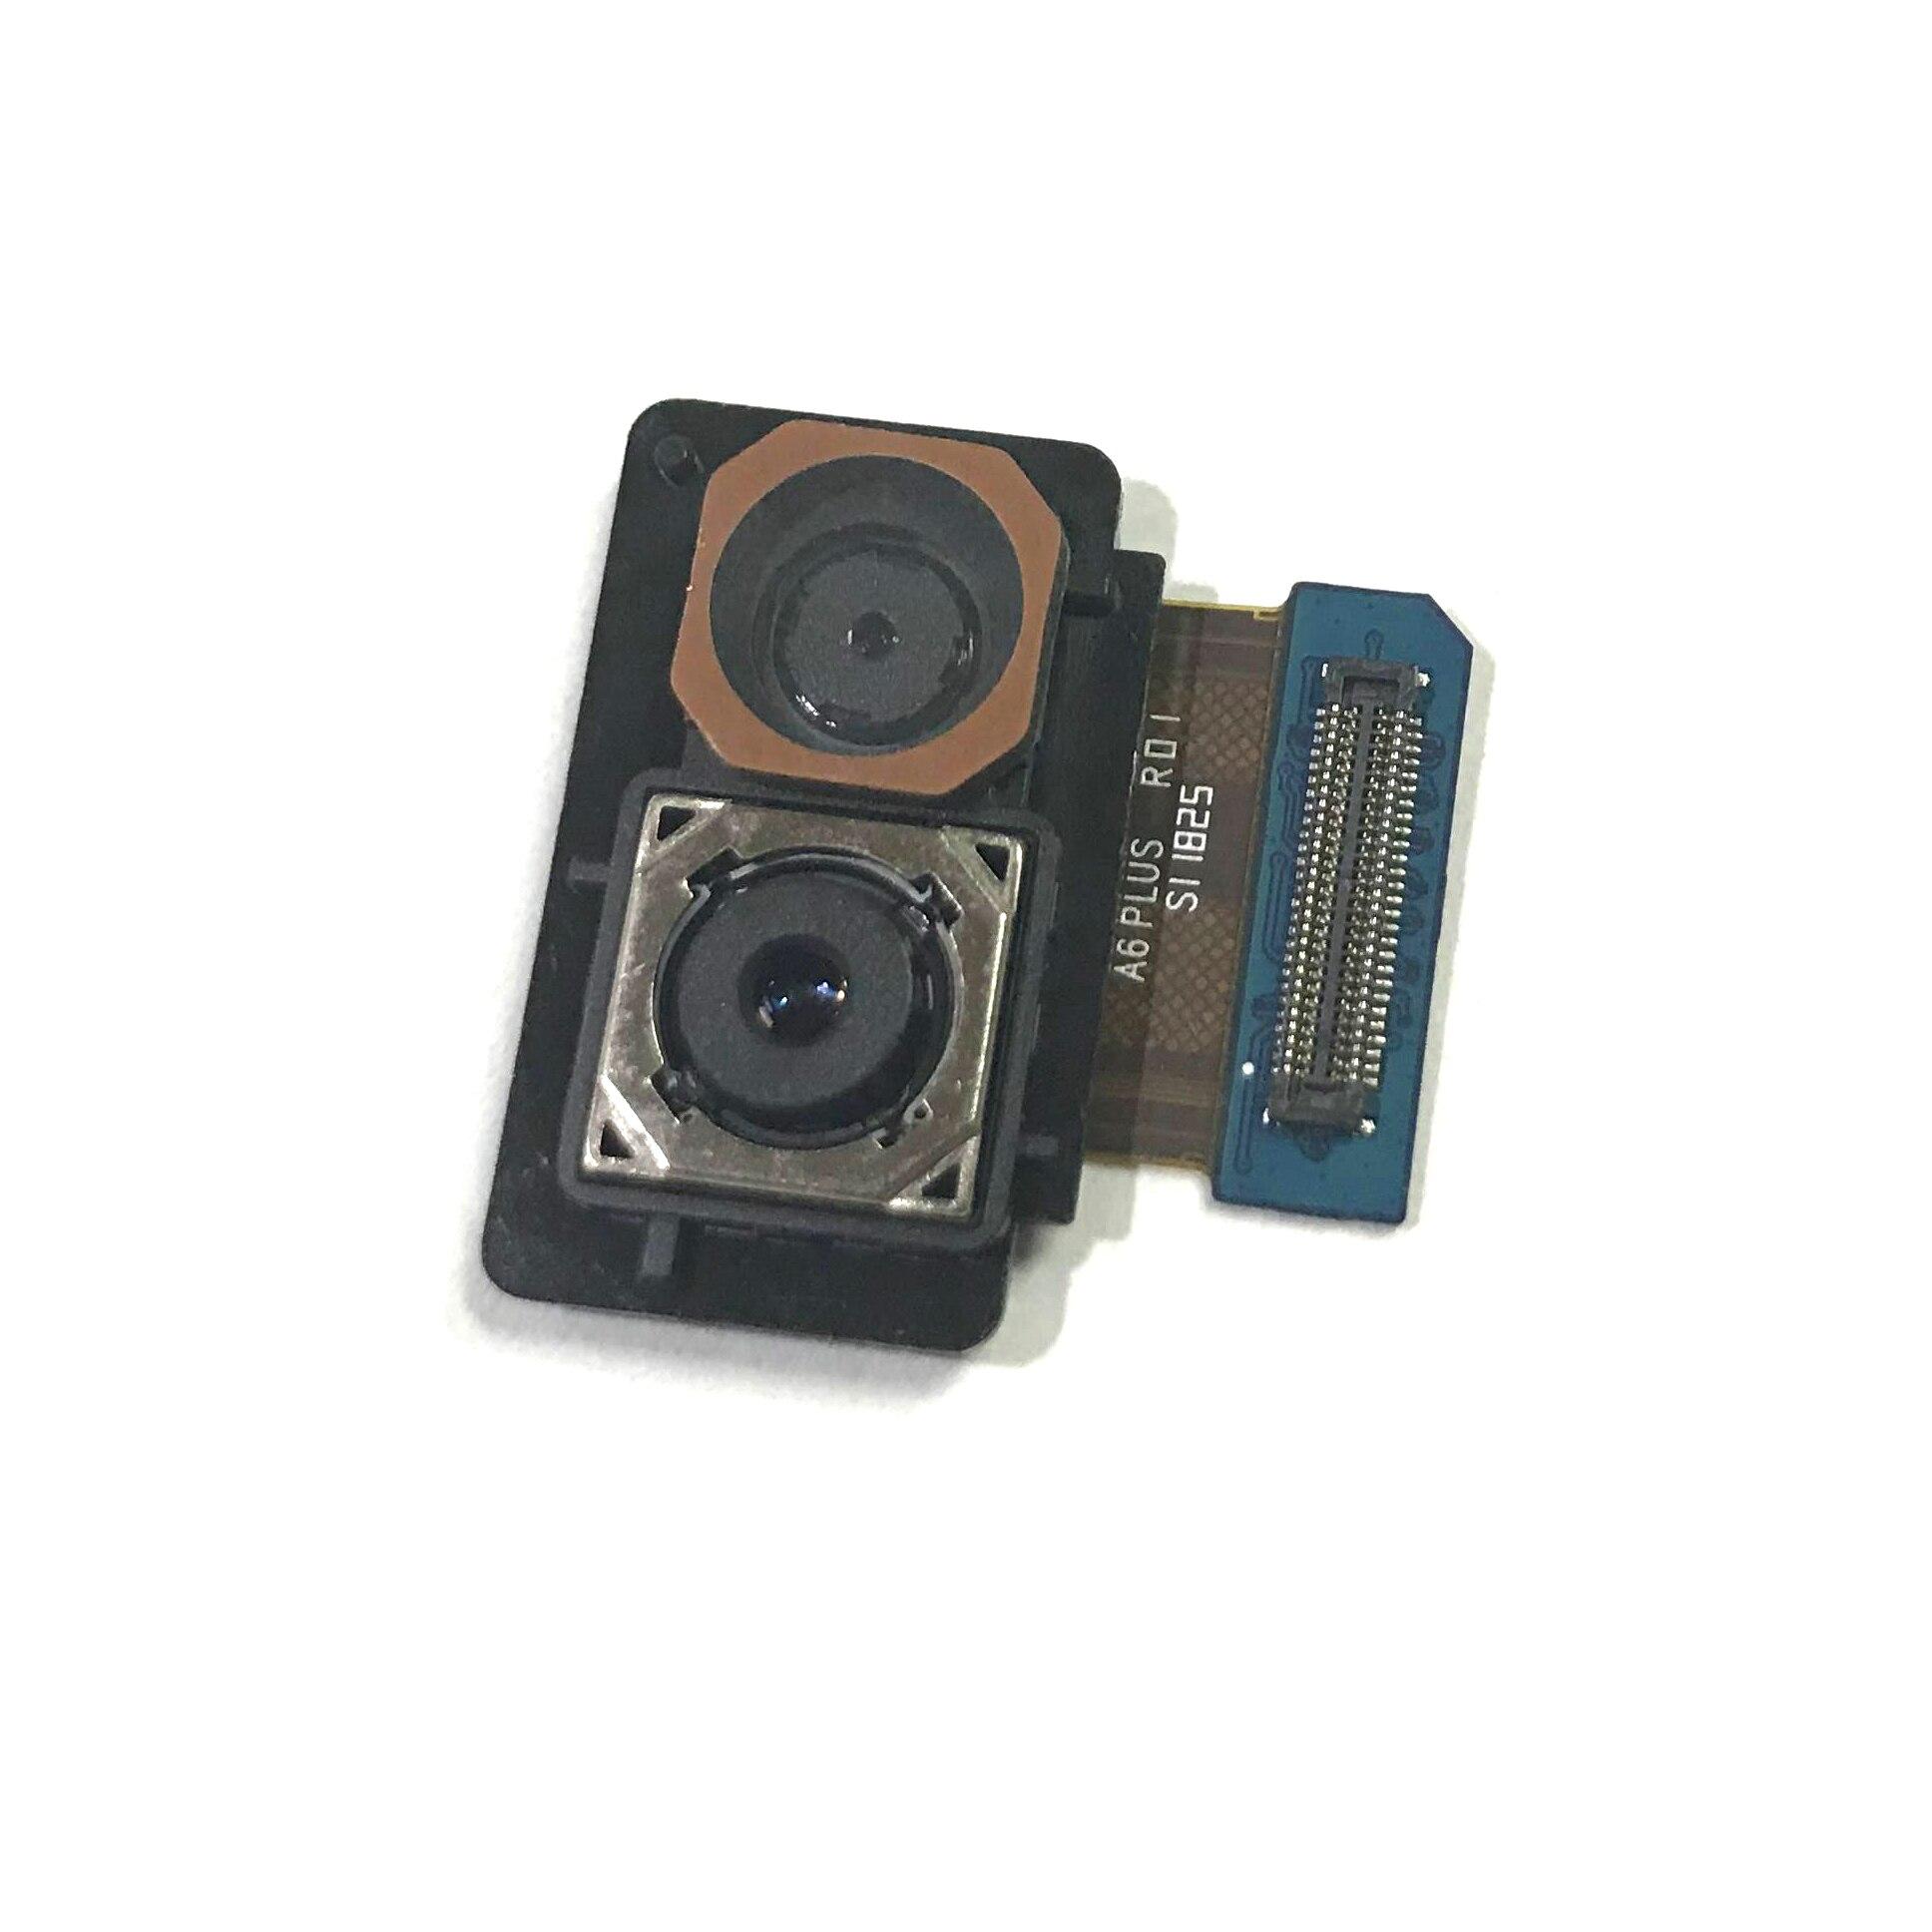 1pcs New Original Rear Back Camera For Samsung Galaxy A6+ Plus 2018 A605 A605F